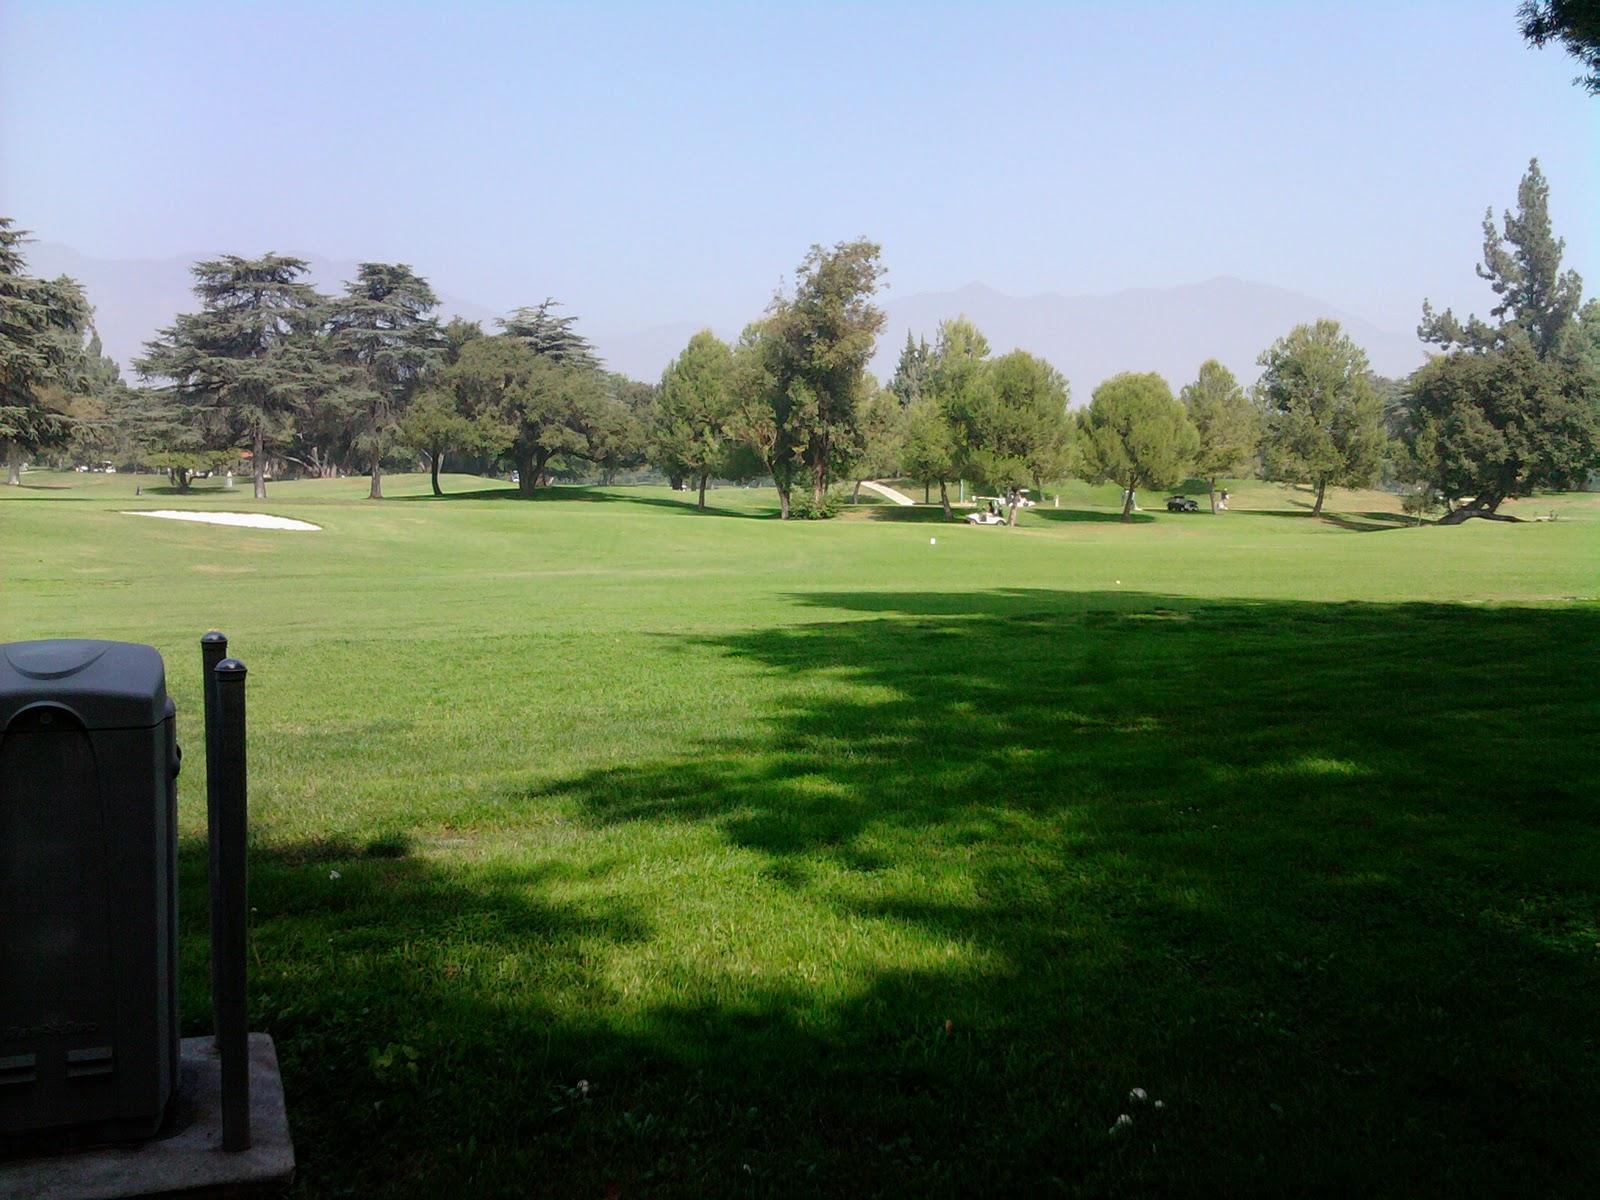 Av8 Records Official Video Dj Oggy Santa Anita Golf Course